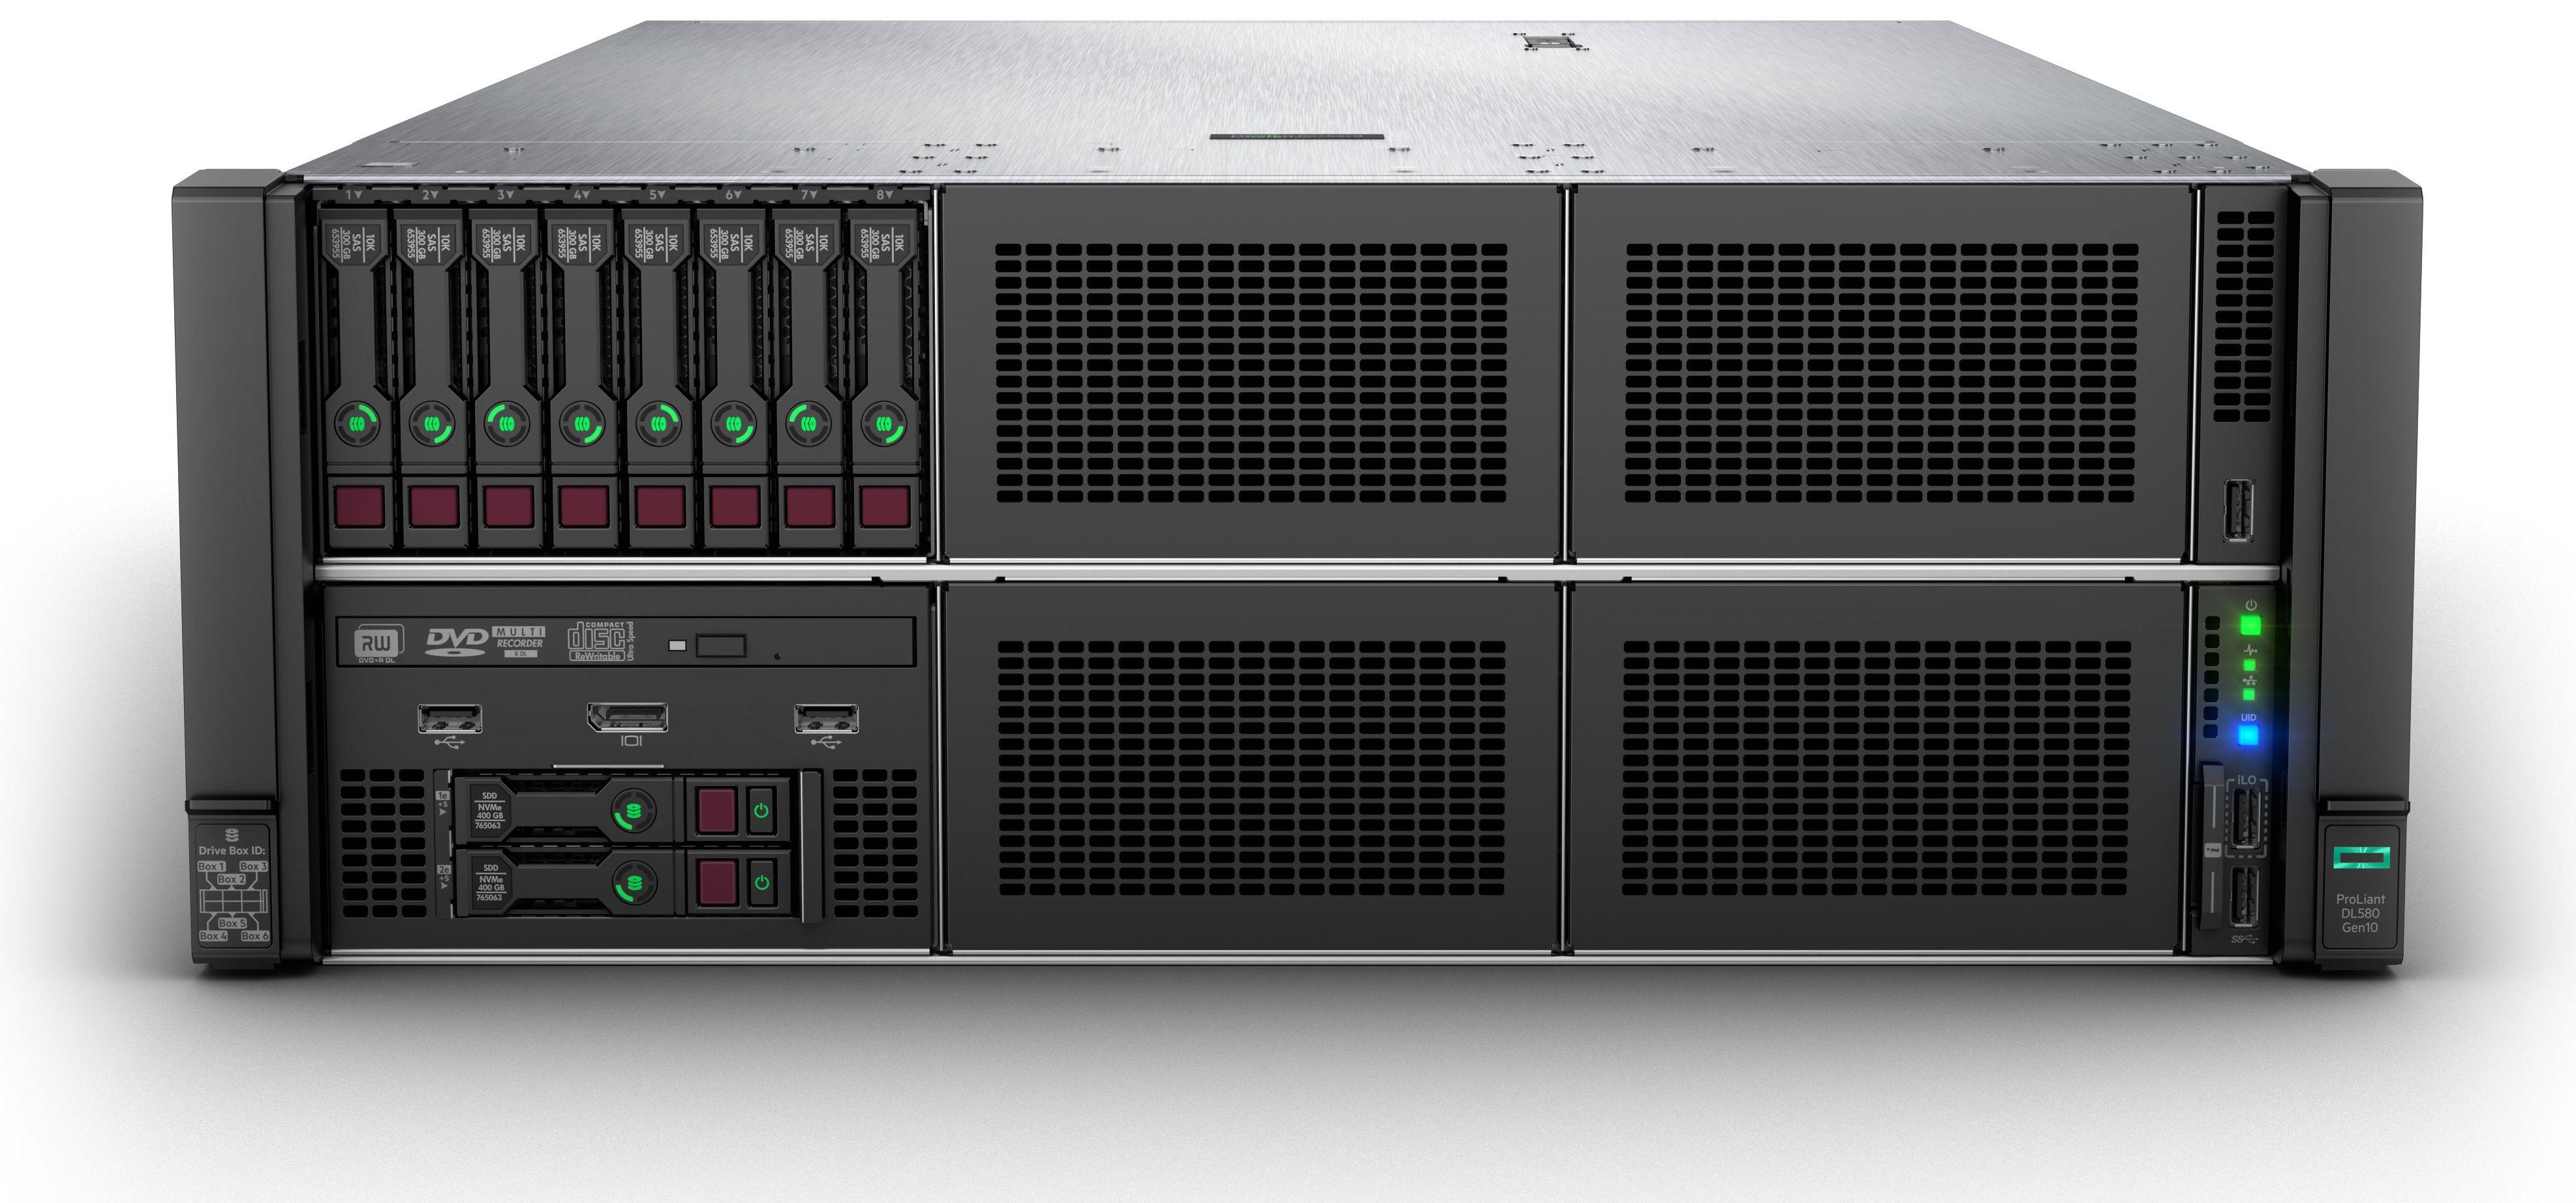 DL580Gen10 8SFF